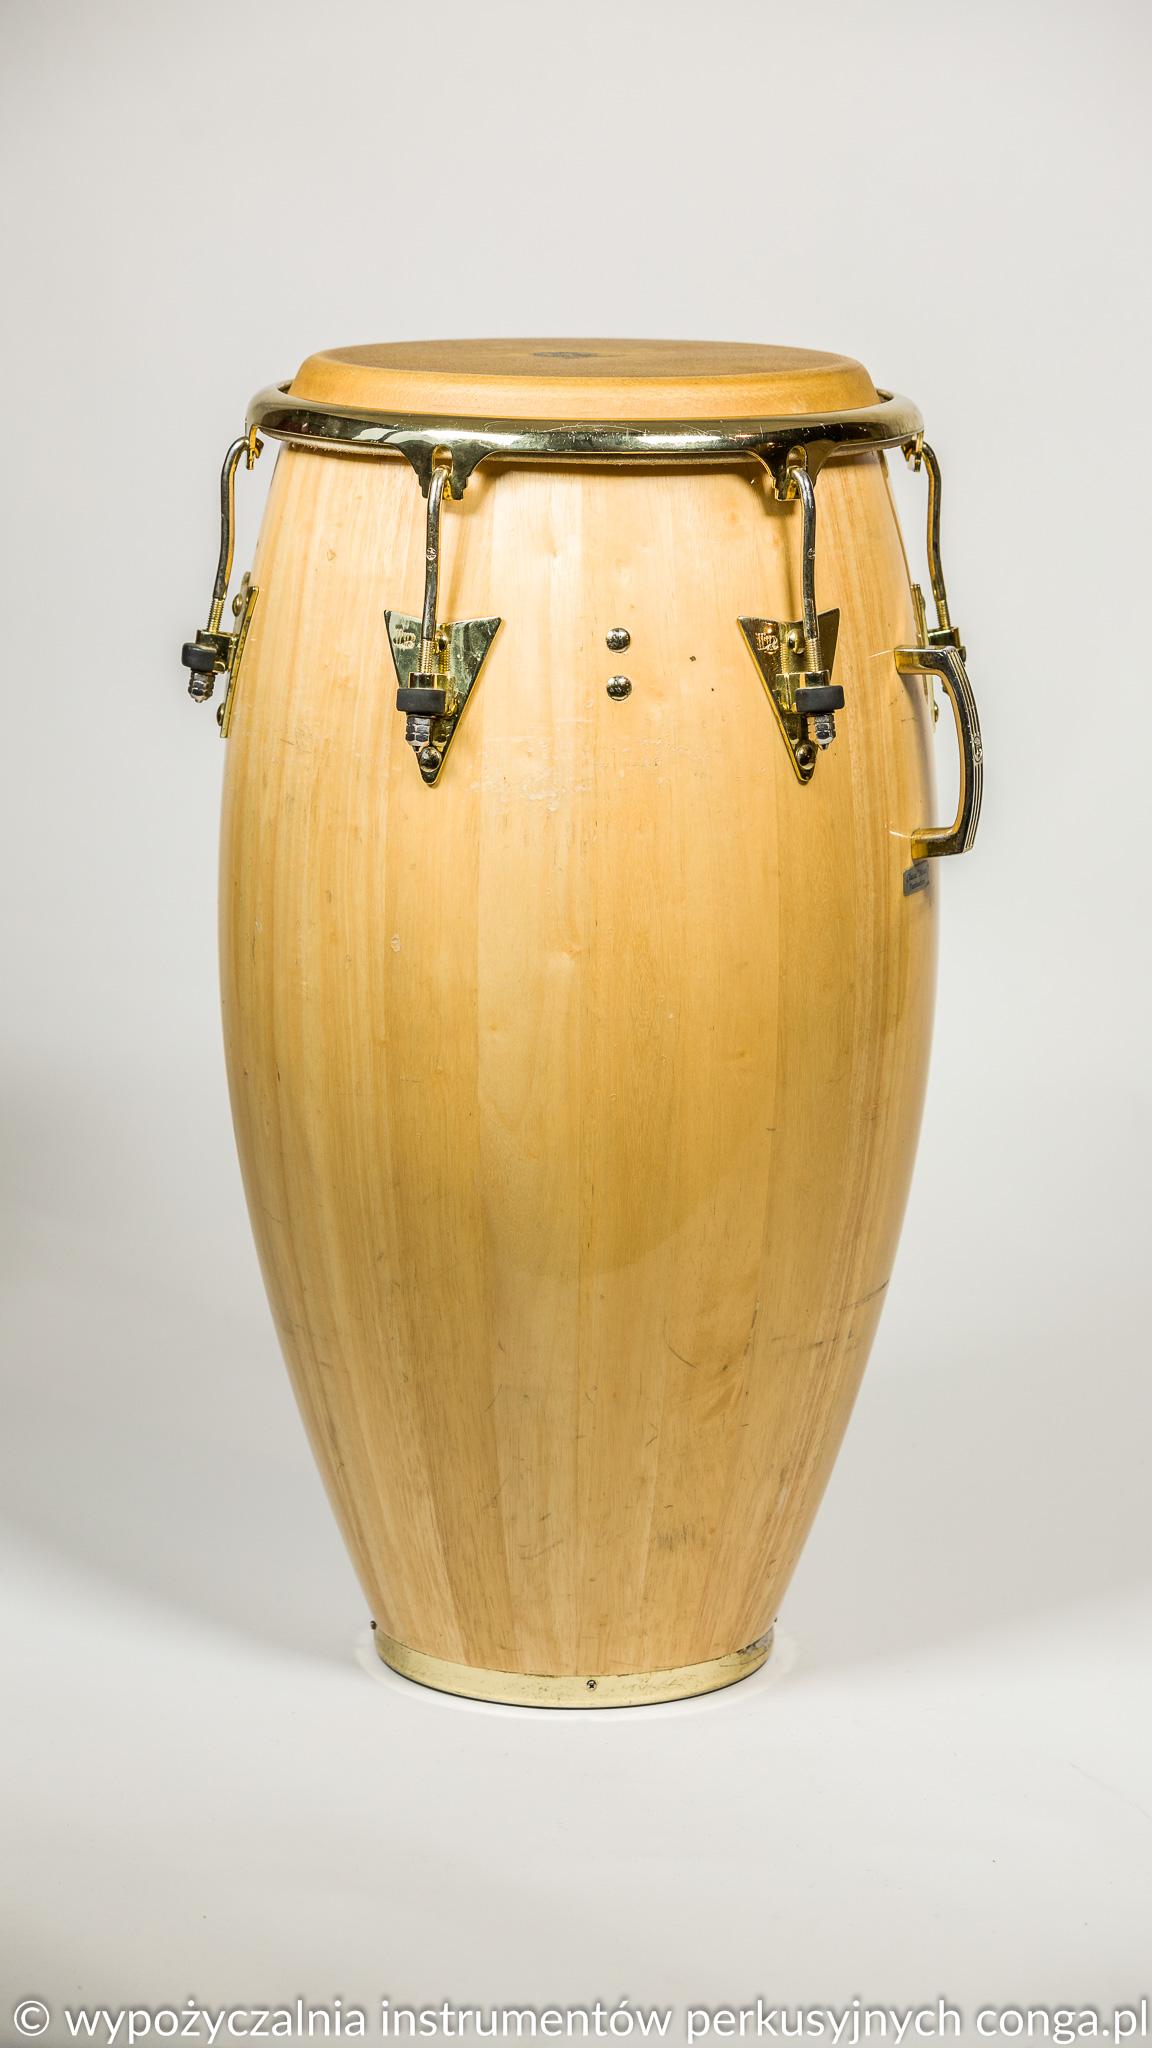 LP552X-AW-CLASSIC-SERIES-WOOD-TUMBA--Wypożyczalnia-instrumentów-perkusyjnych--CONGA.P--0258.jpg